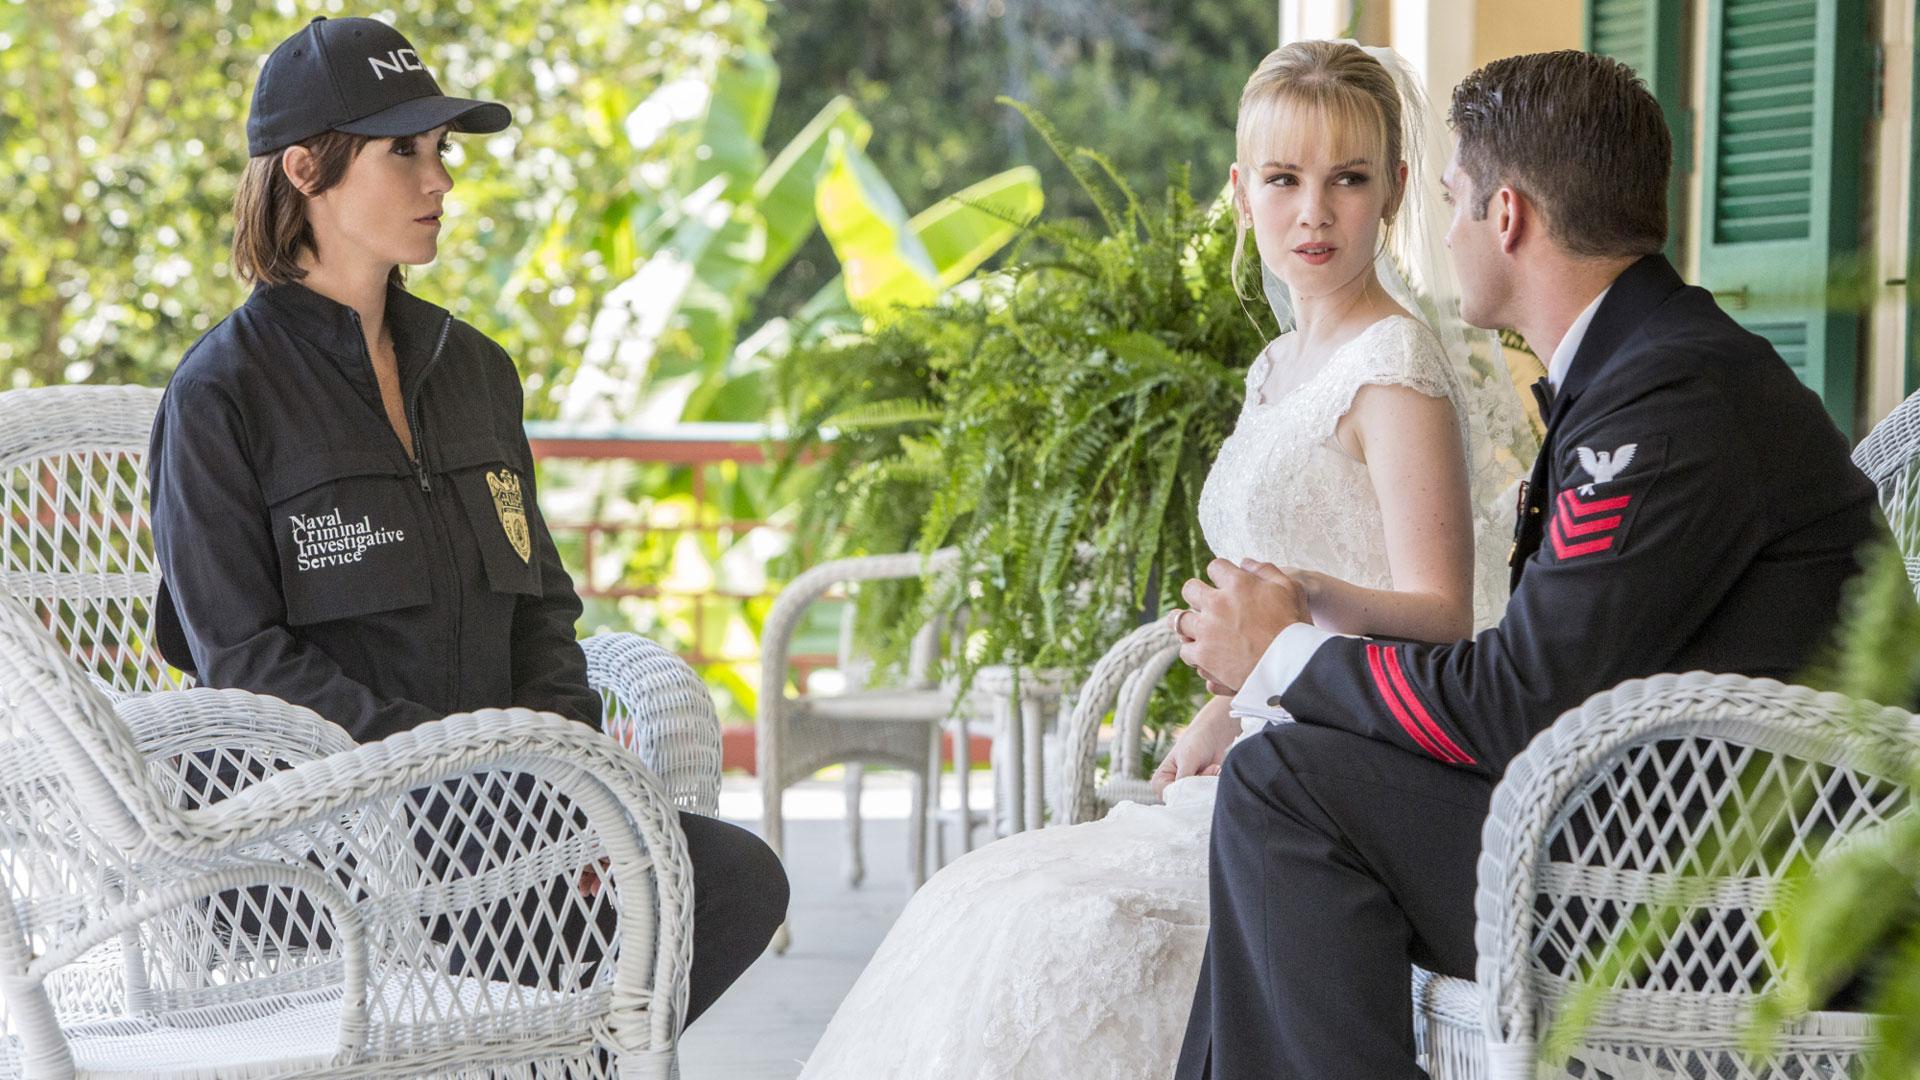 Zoe McLellan as Meredith Brody